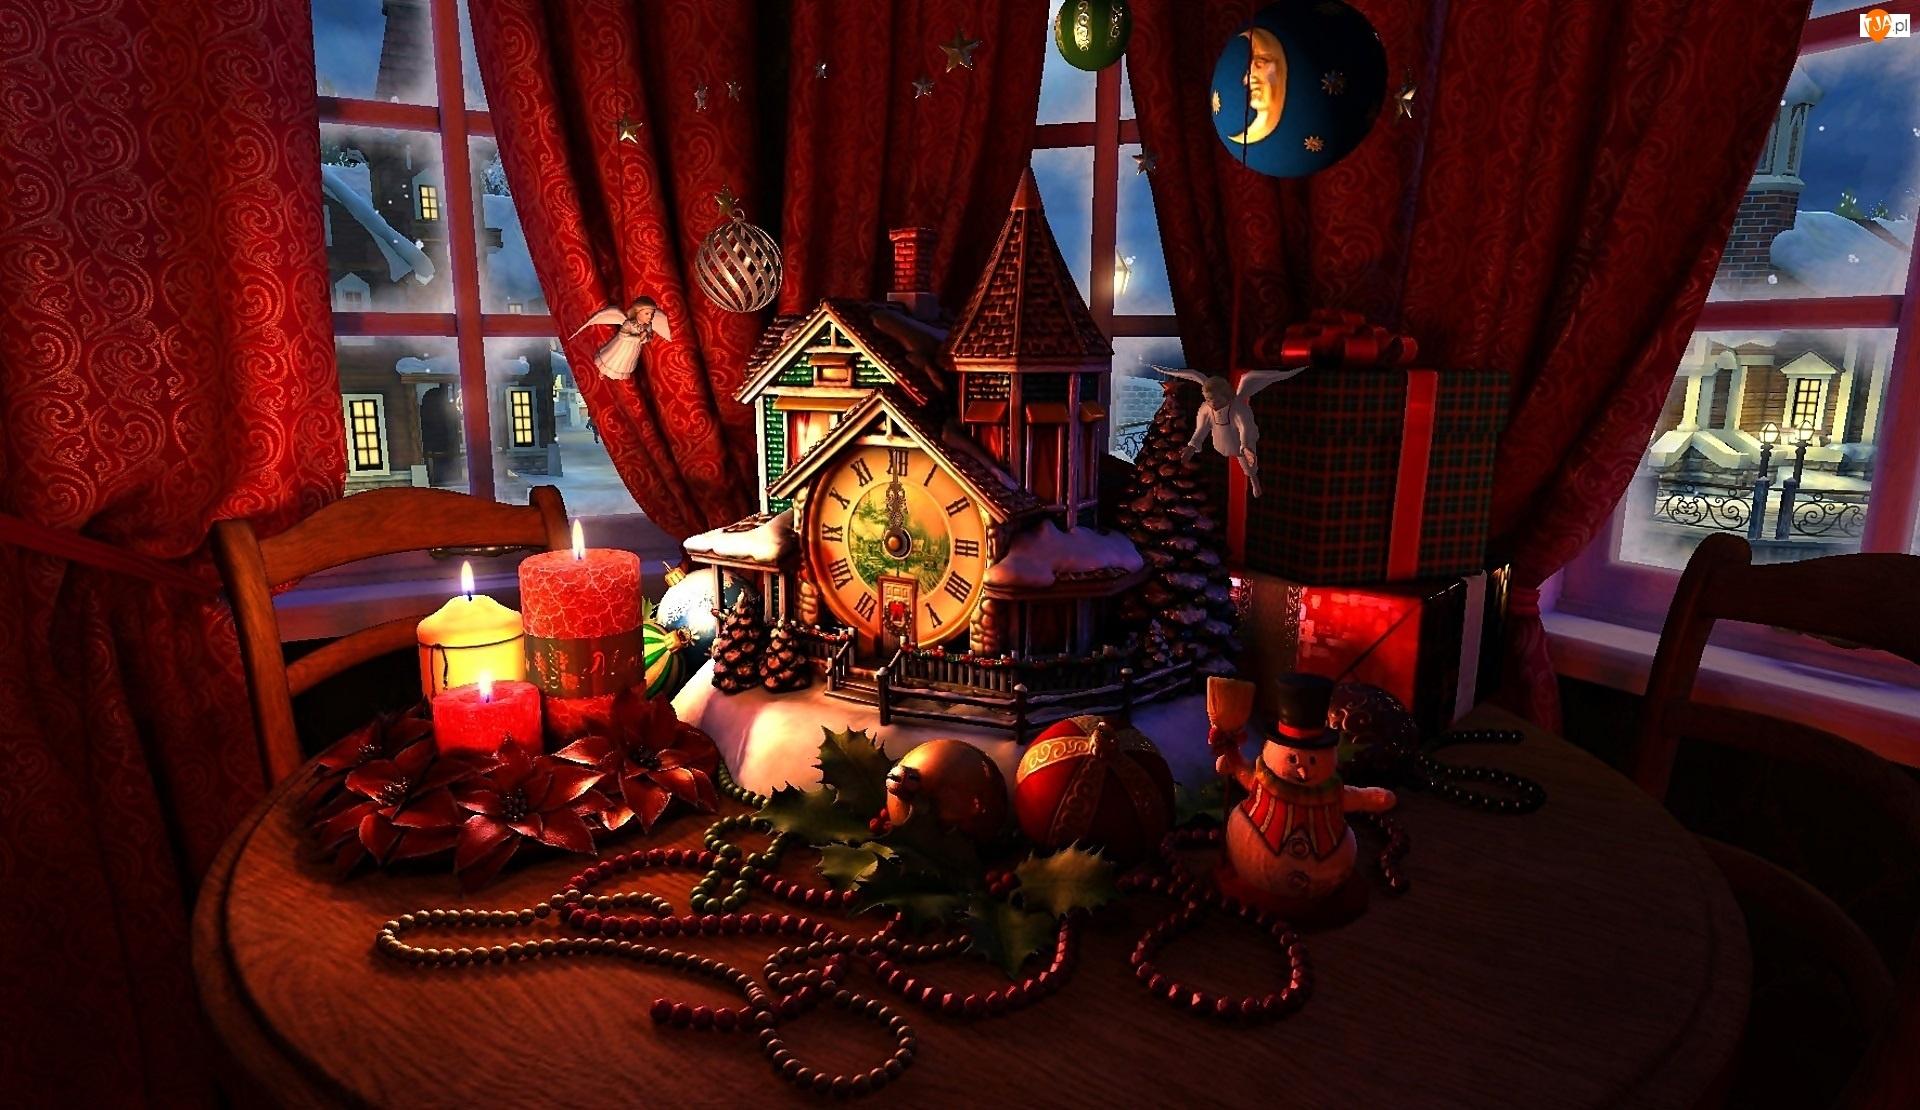 Boże Narodzenie, Wnętrze, Dekoracje, Pokój, Świąteczne